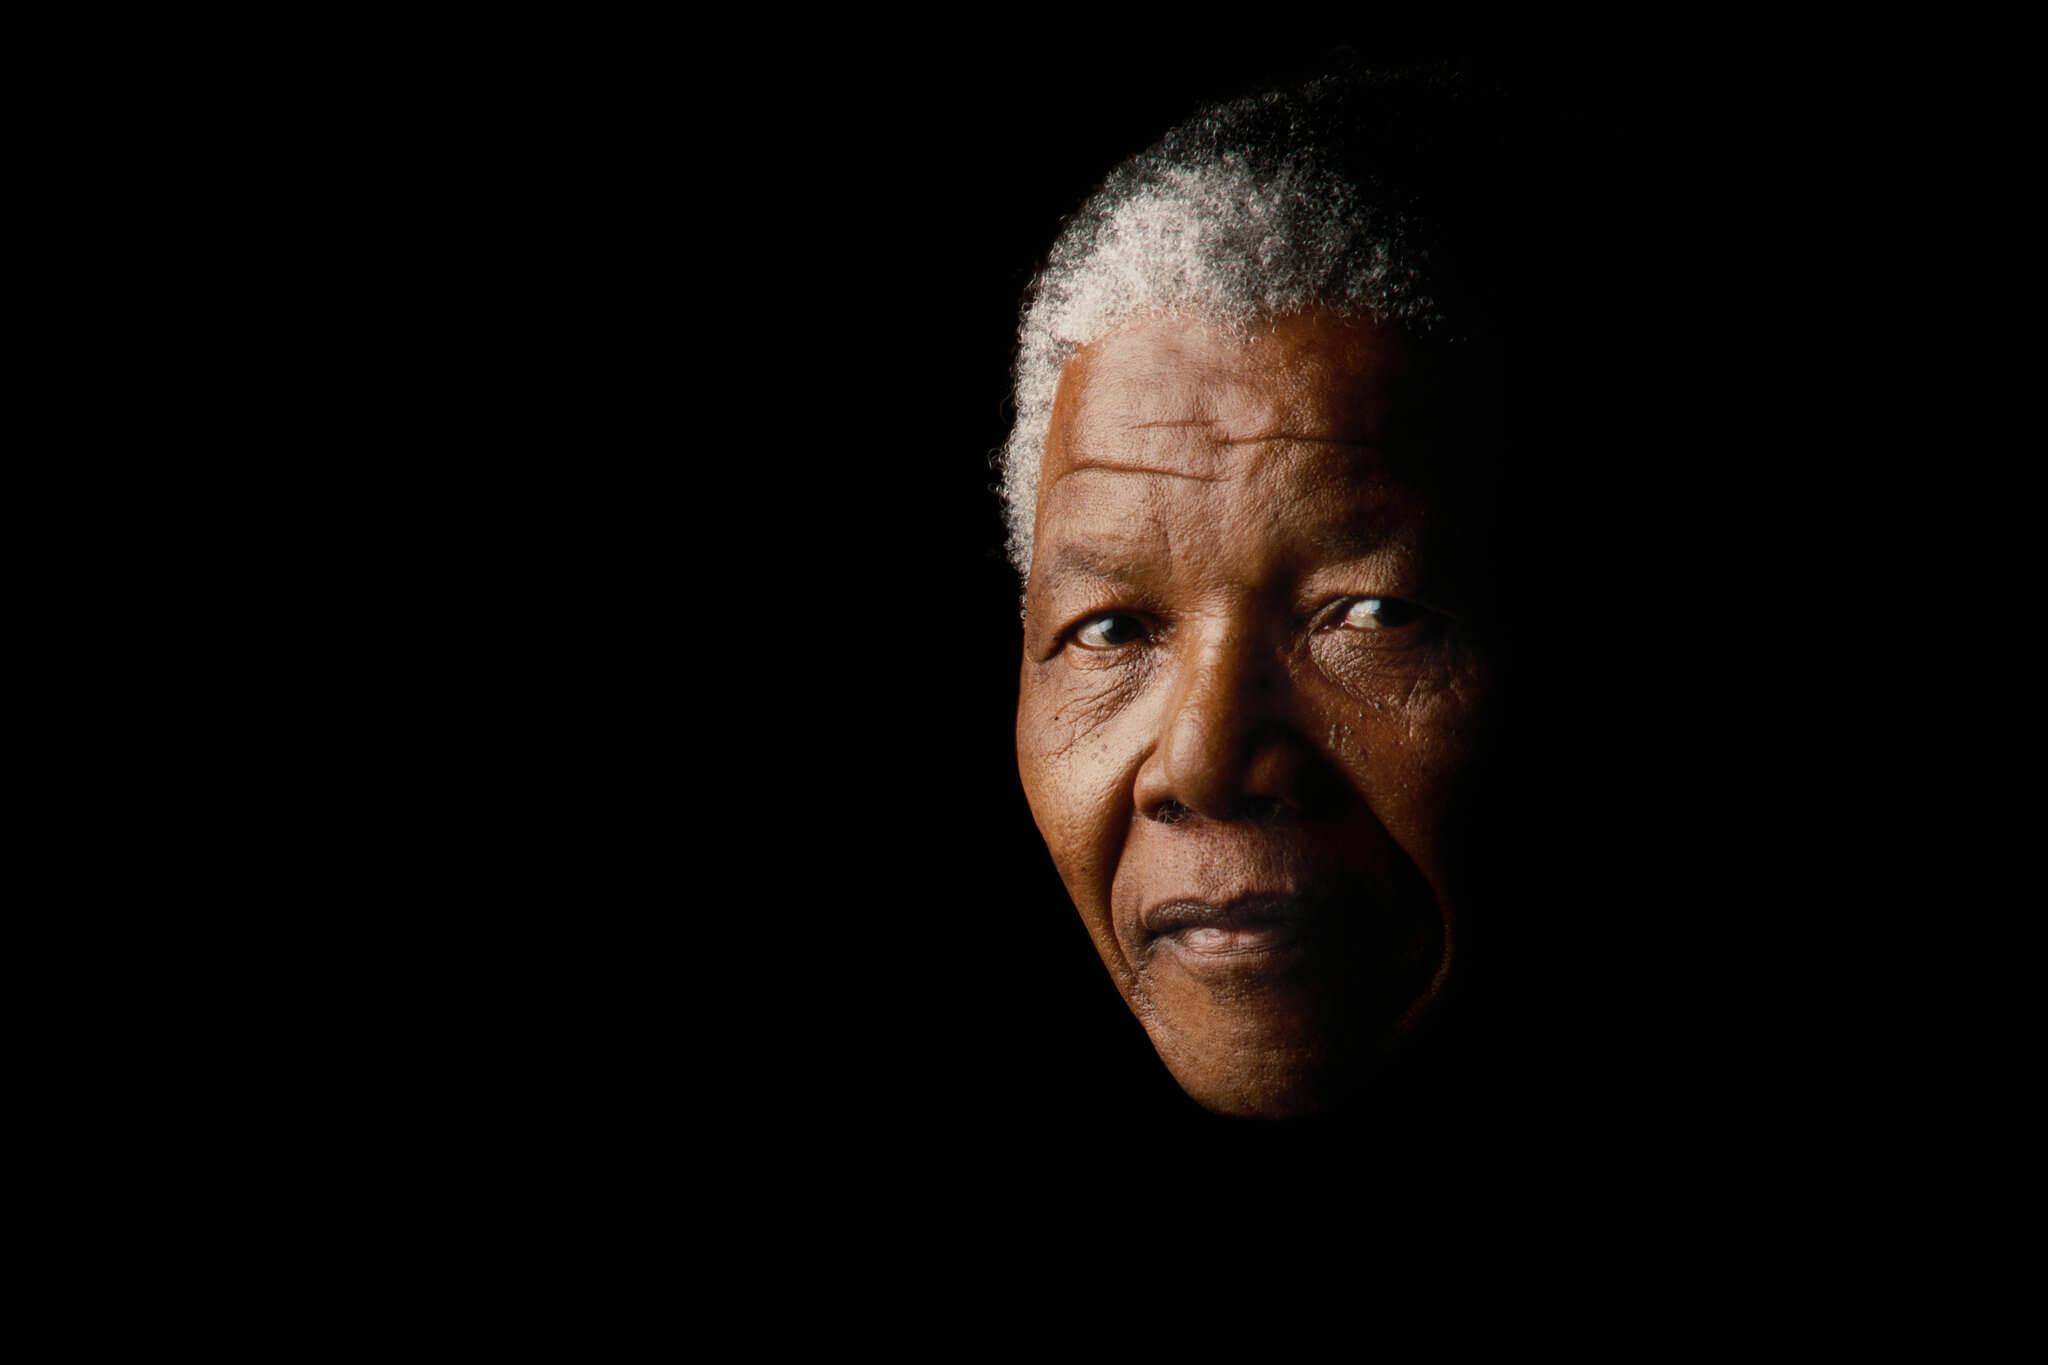 Mandela en la oscuridad